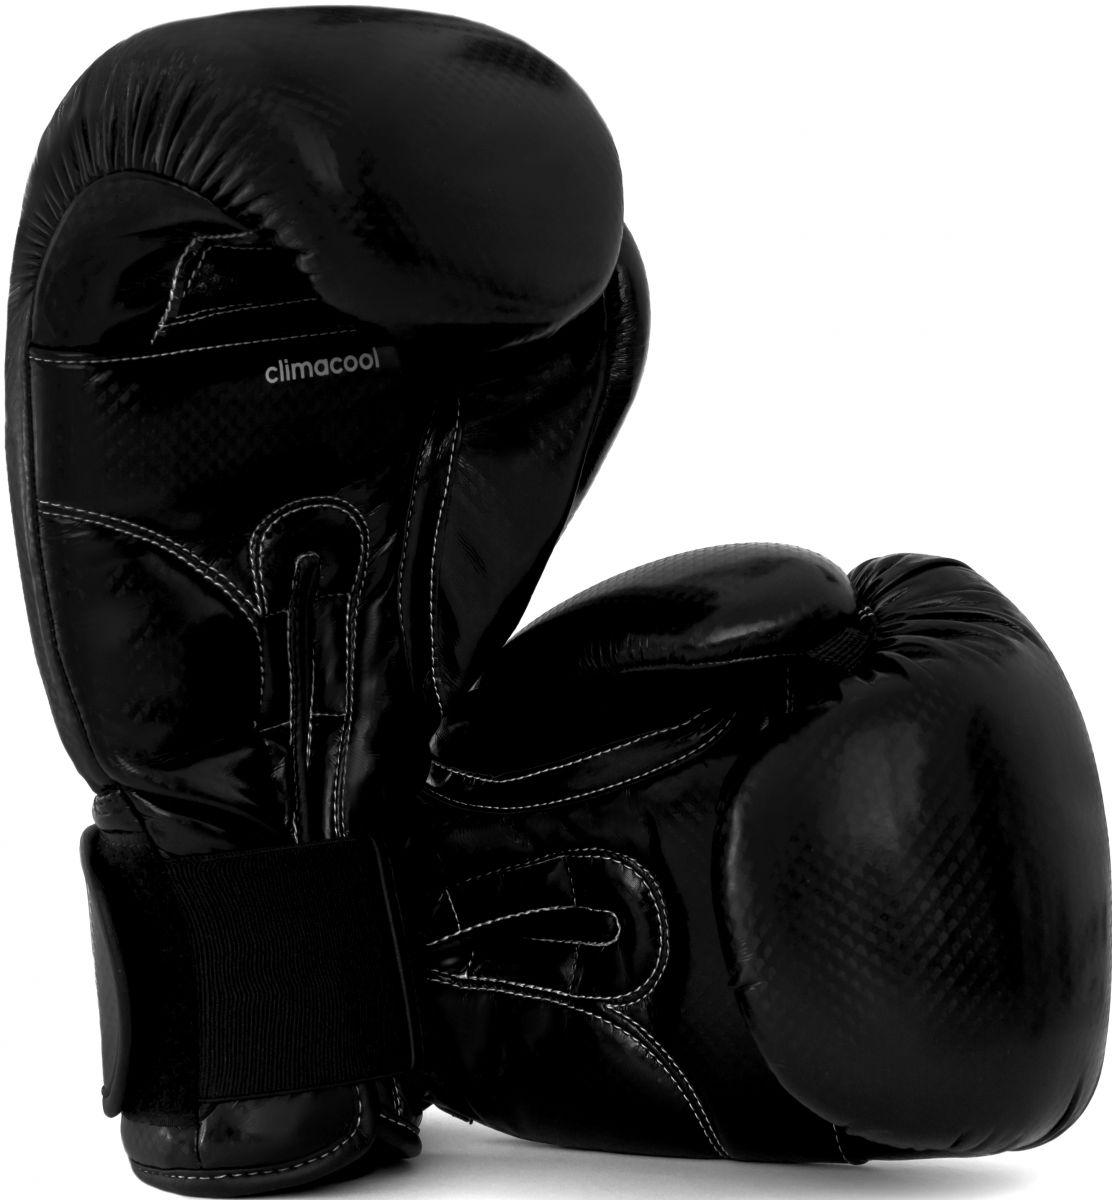 Купить перчатки, лапы, шлемы боксерские в интернет магазине